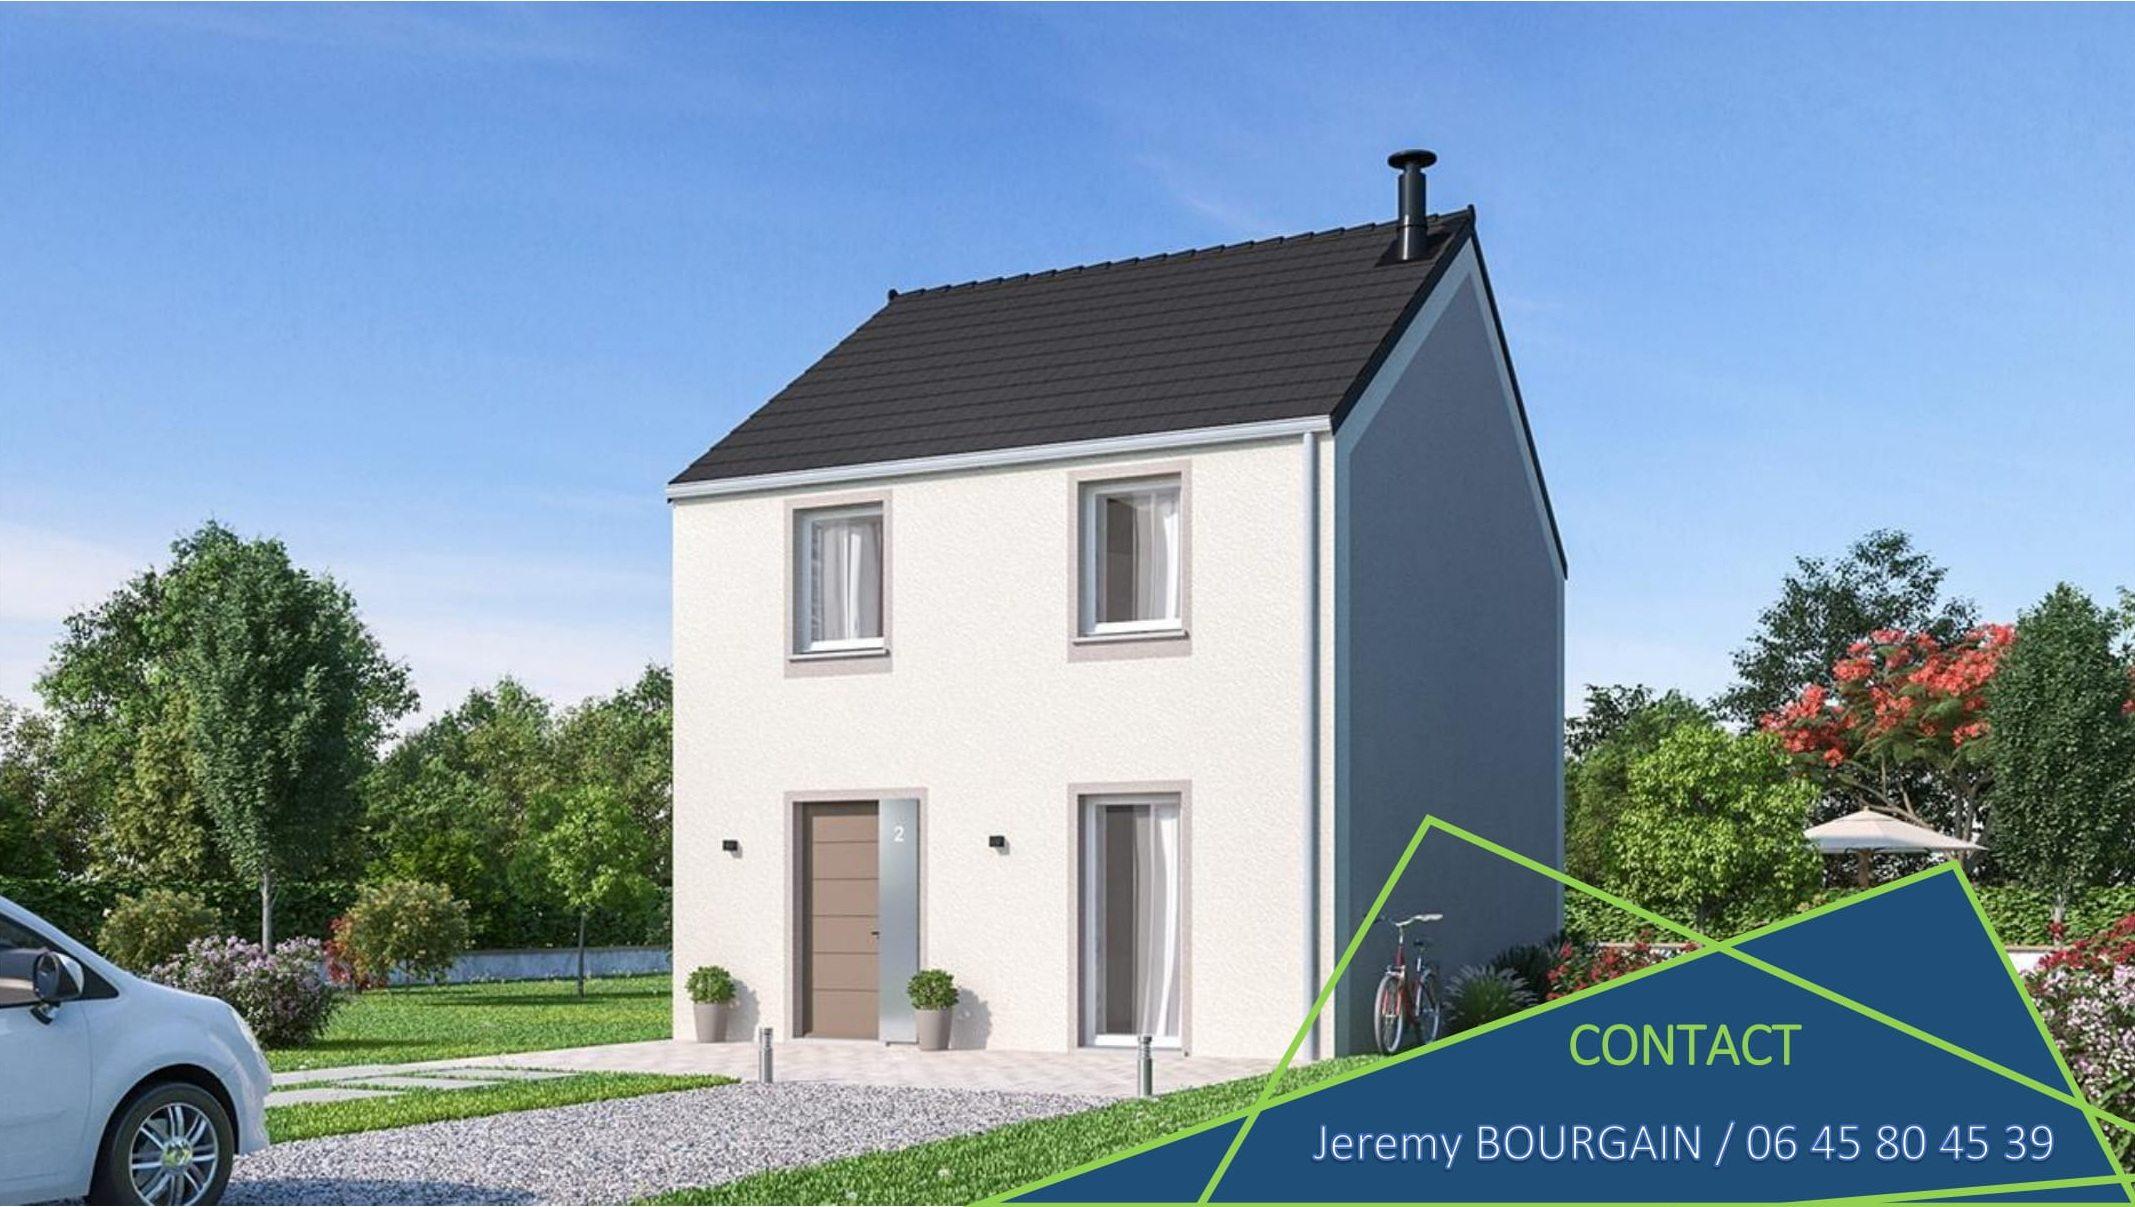 Maisons + Terrains du constructeur MAISONS PHENIX LEZENNES • 96 m² • PHALEMPIN